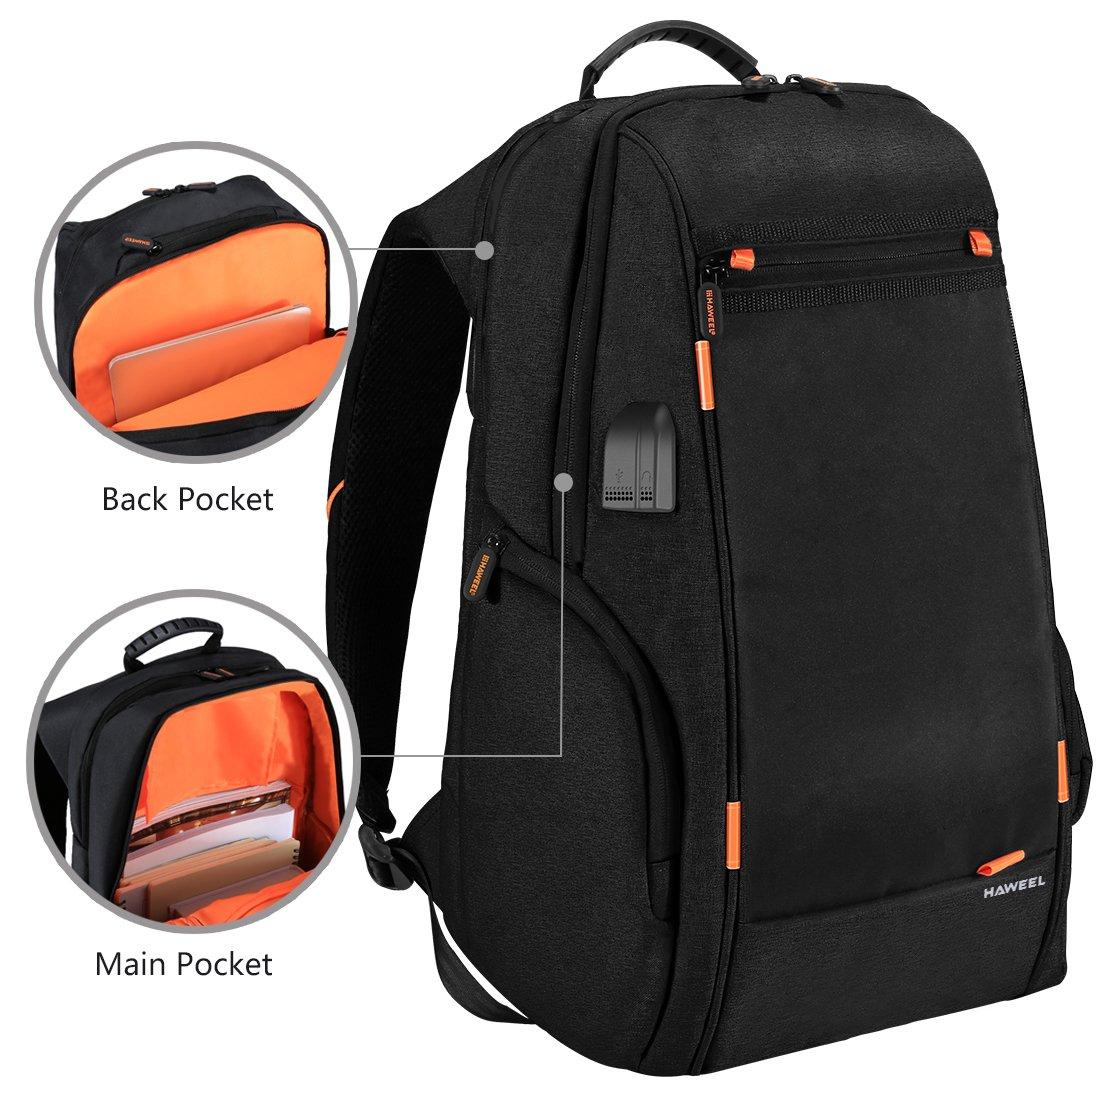 CELINEZL Bags HAWEEL Outdoor-Multifunktions-Komfortabel atmungsaktiv lässig Backpackage Laptoptasche mit mit mit Griff, externer USB-Ladeanschluss & Kopfhöreranschluss (Schwarz) B07Q4JQBDD Wanderruckscke Im Gegensatz zu dem gleichen Absatz a5abd6